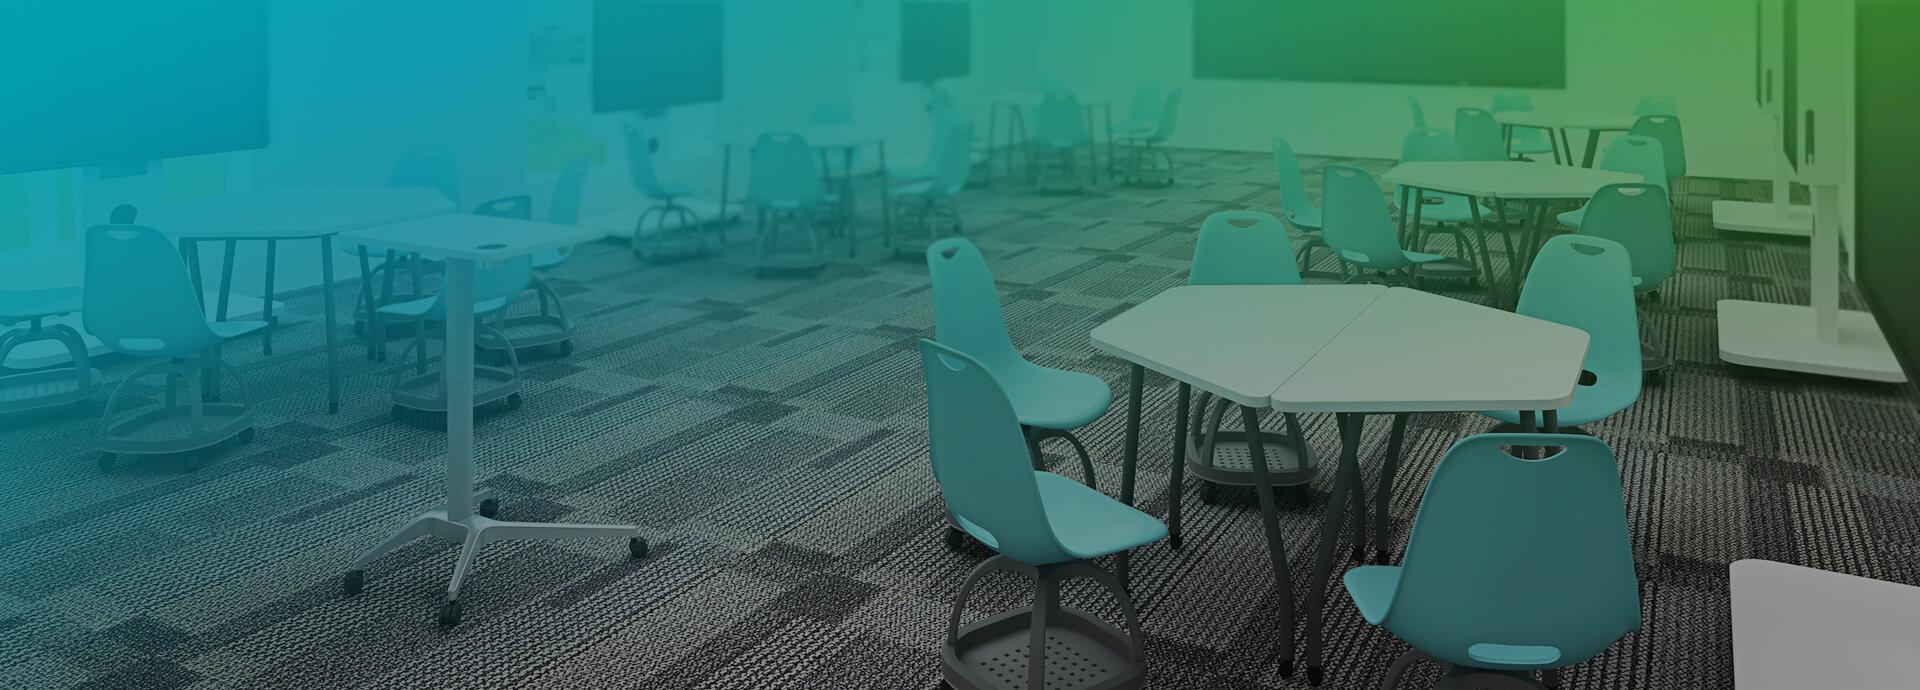 高教智慧教室解决方案